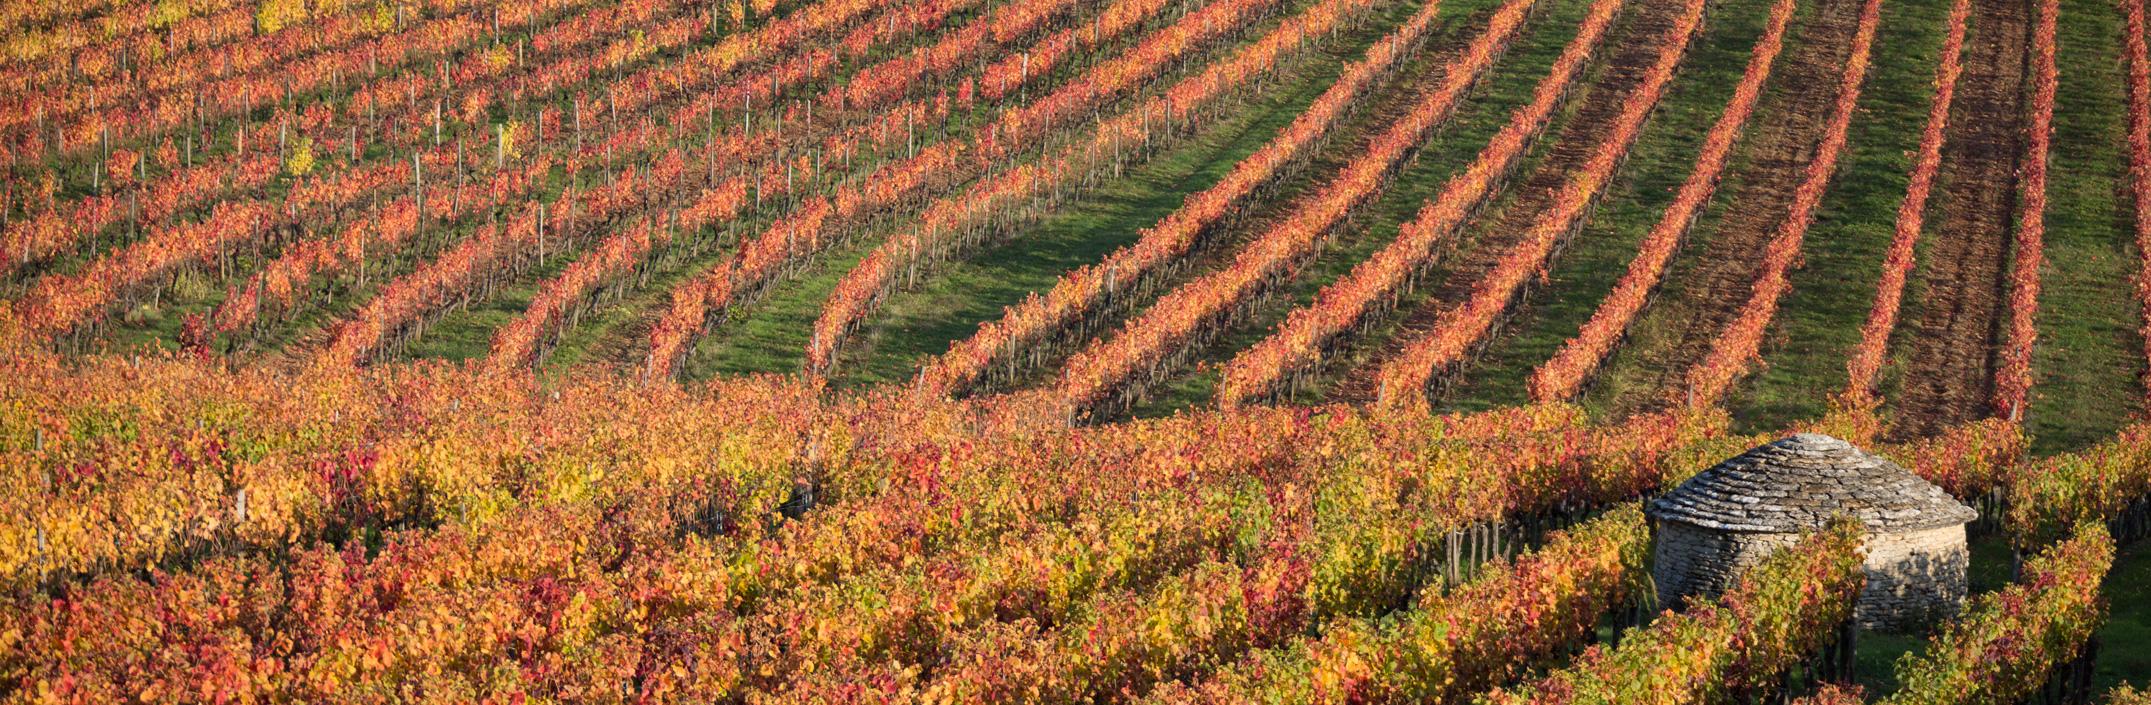 Gite à arcenant Bourgogne regis bouveret  Armelle photographe